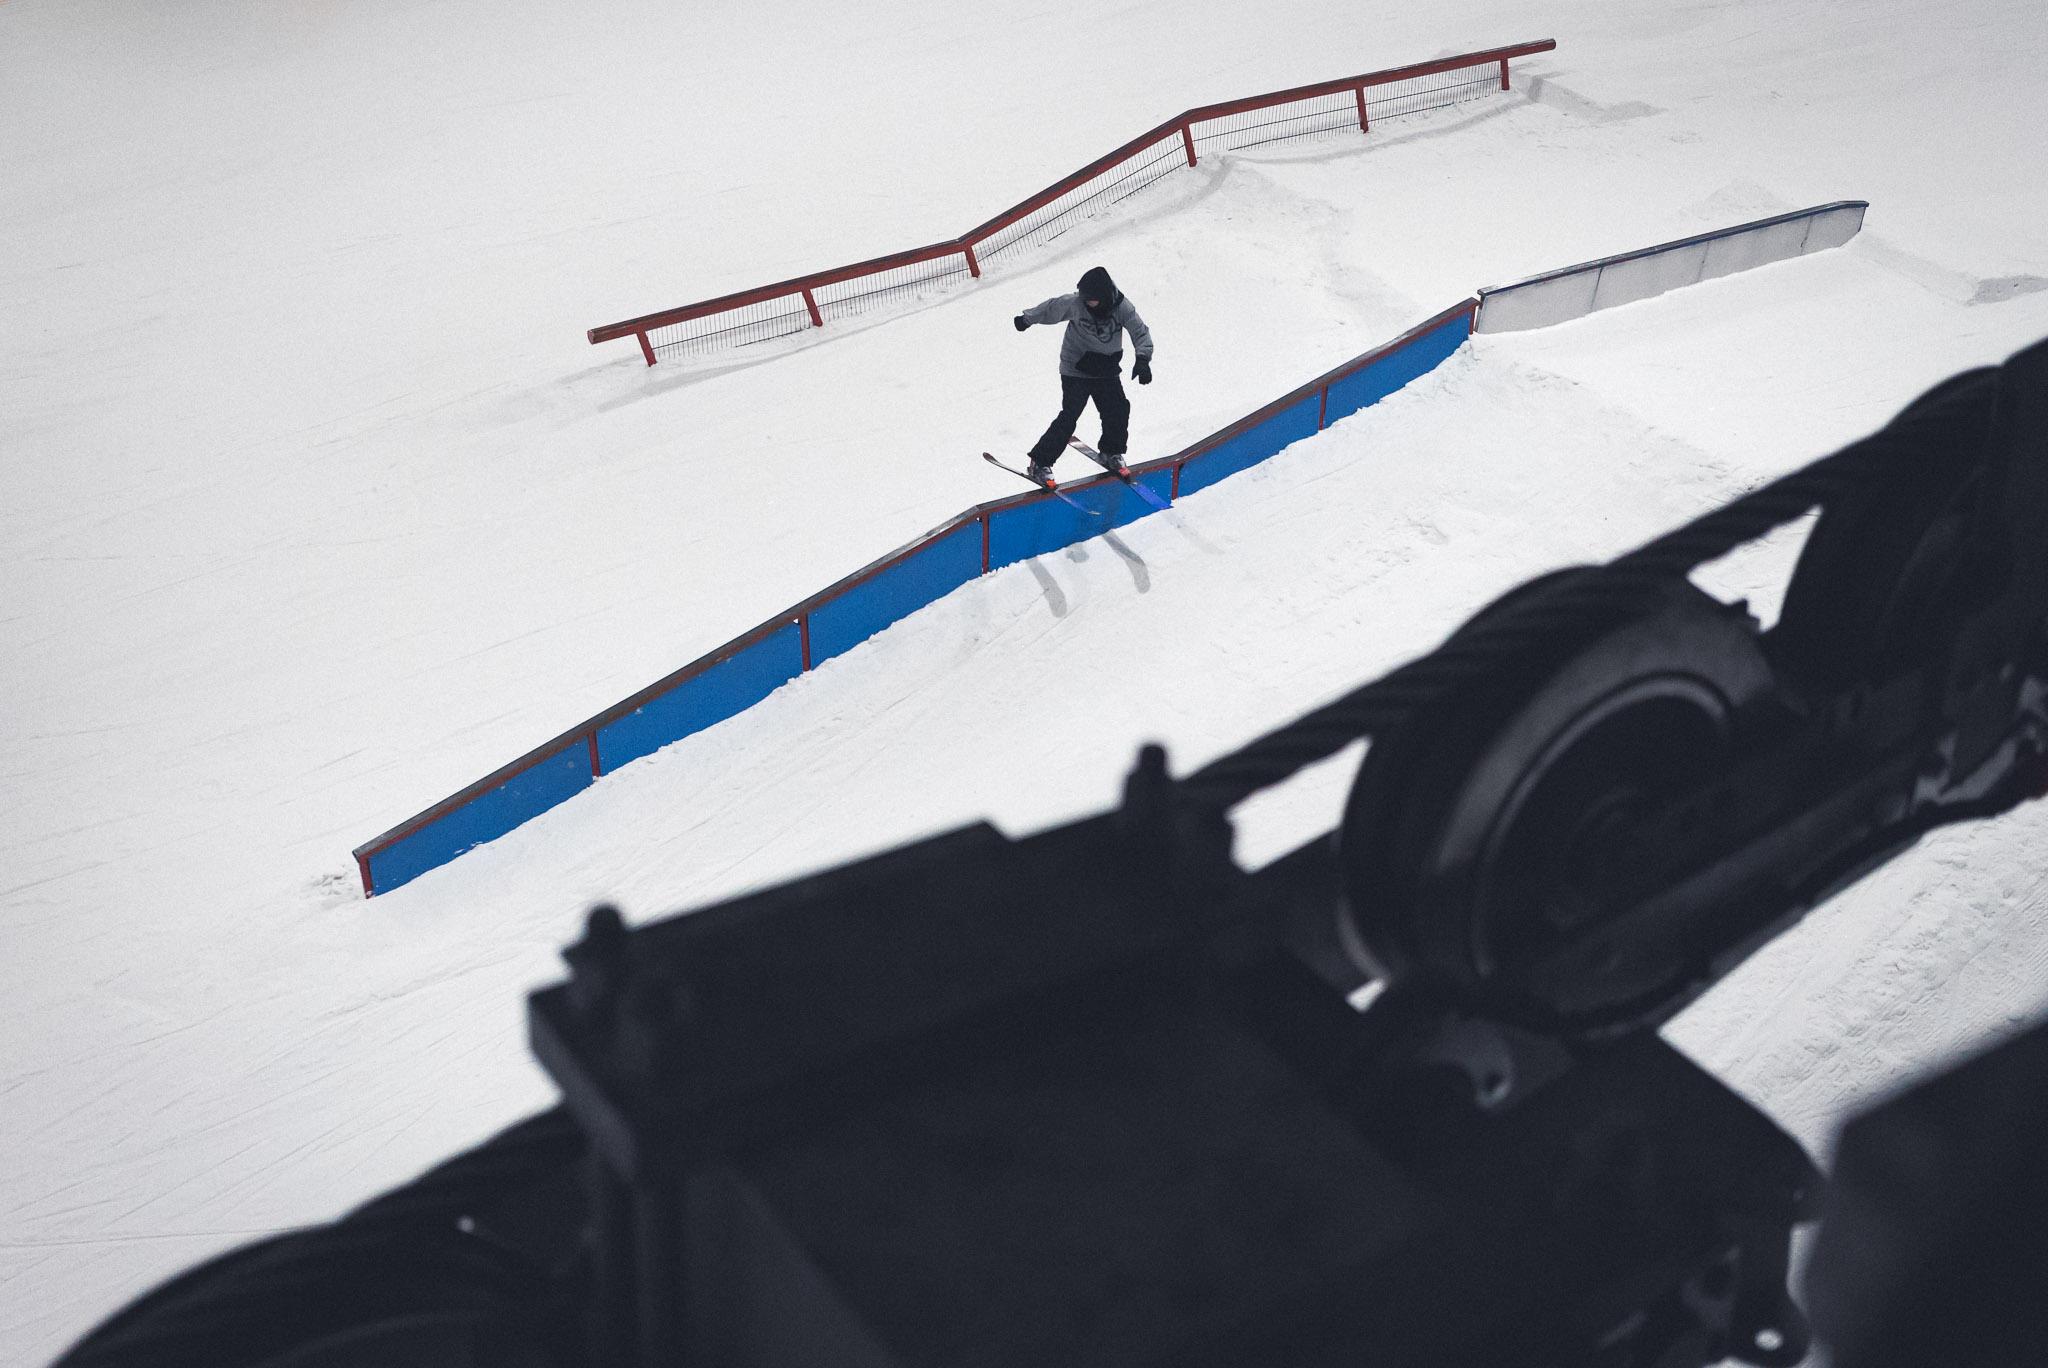 Eines der vielen Highlights im Snowpark Bispingen: Das Flat-Down-Flat-Down Rail - Rider: Torge Nagel